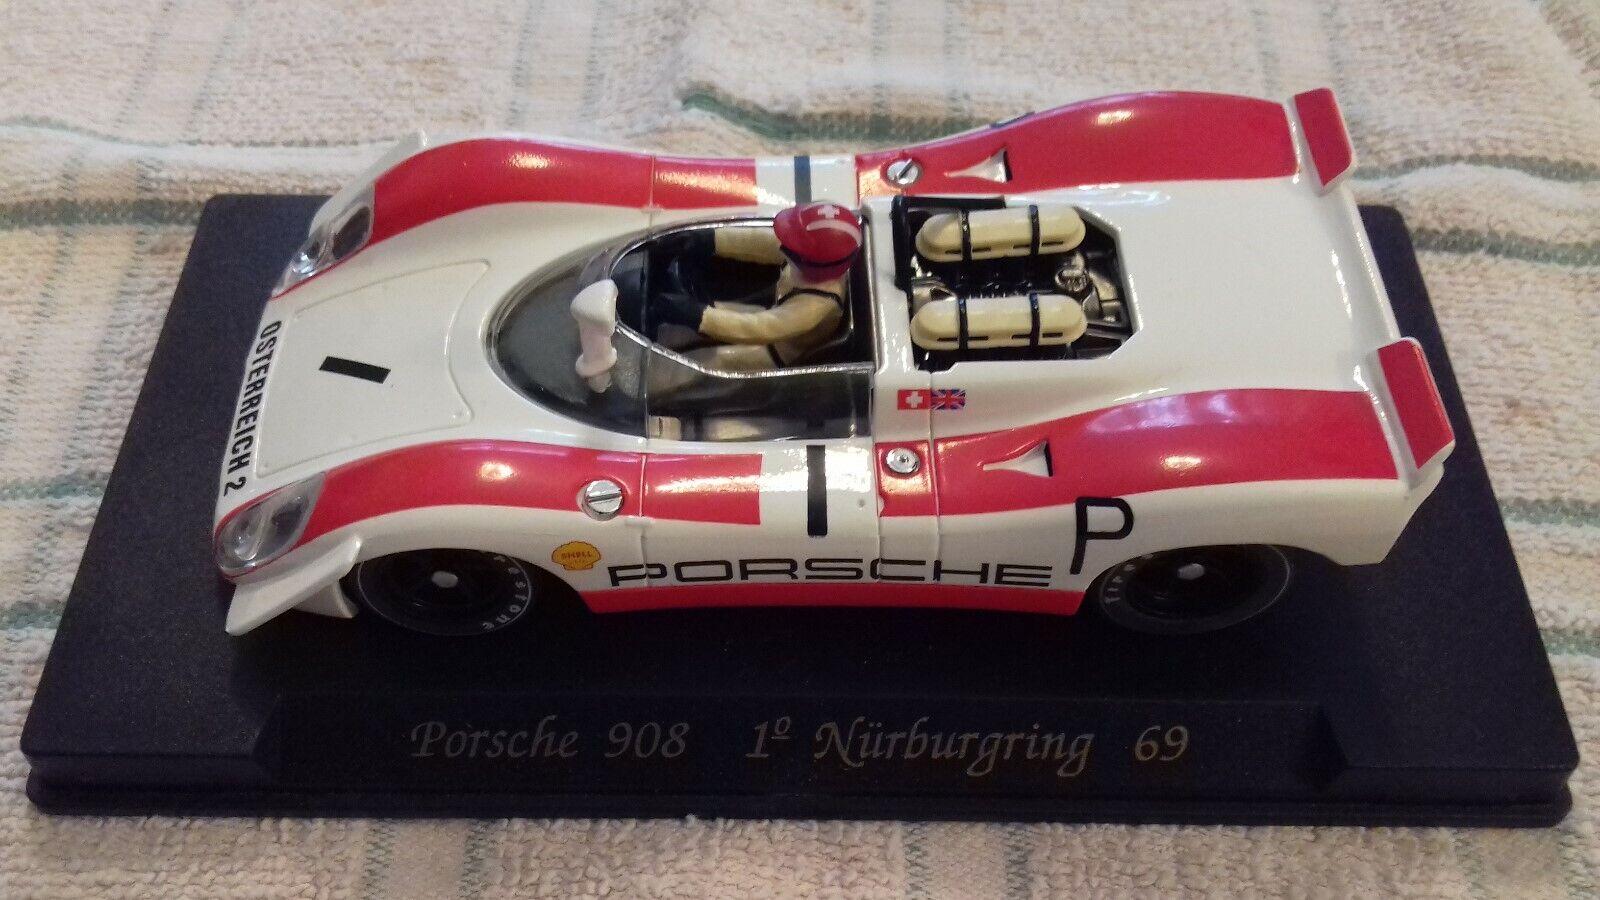 FLY C11 Porsche 908 1st Nurburgring 1969